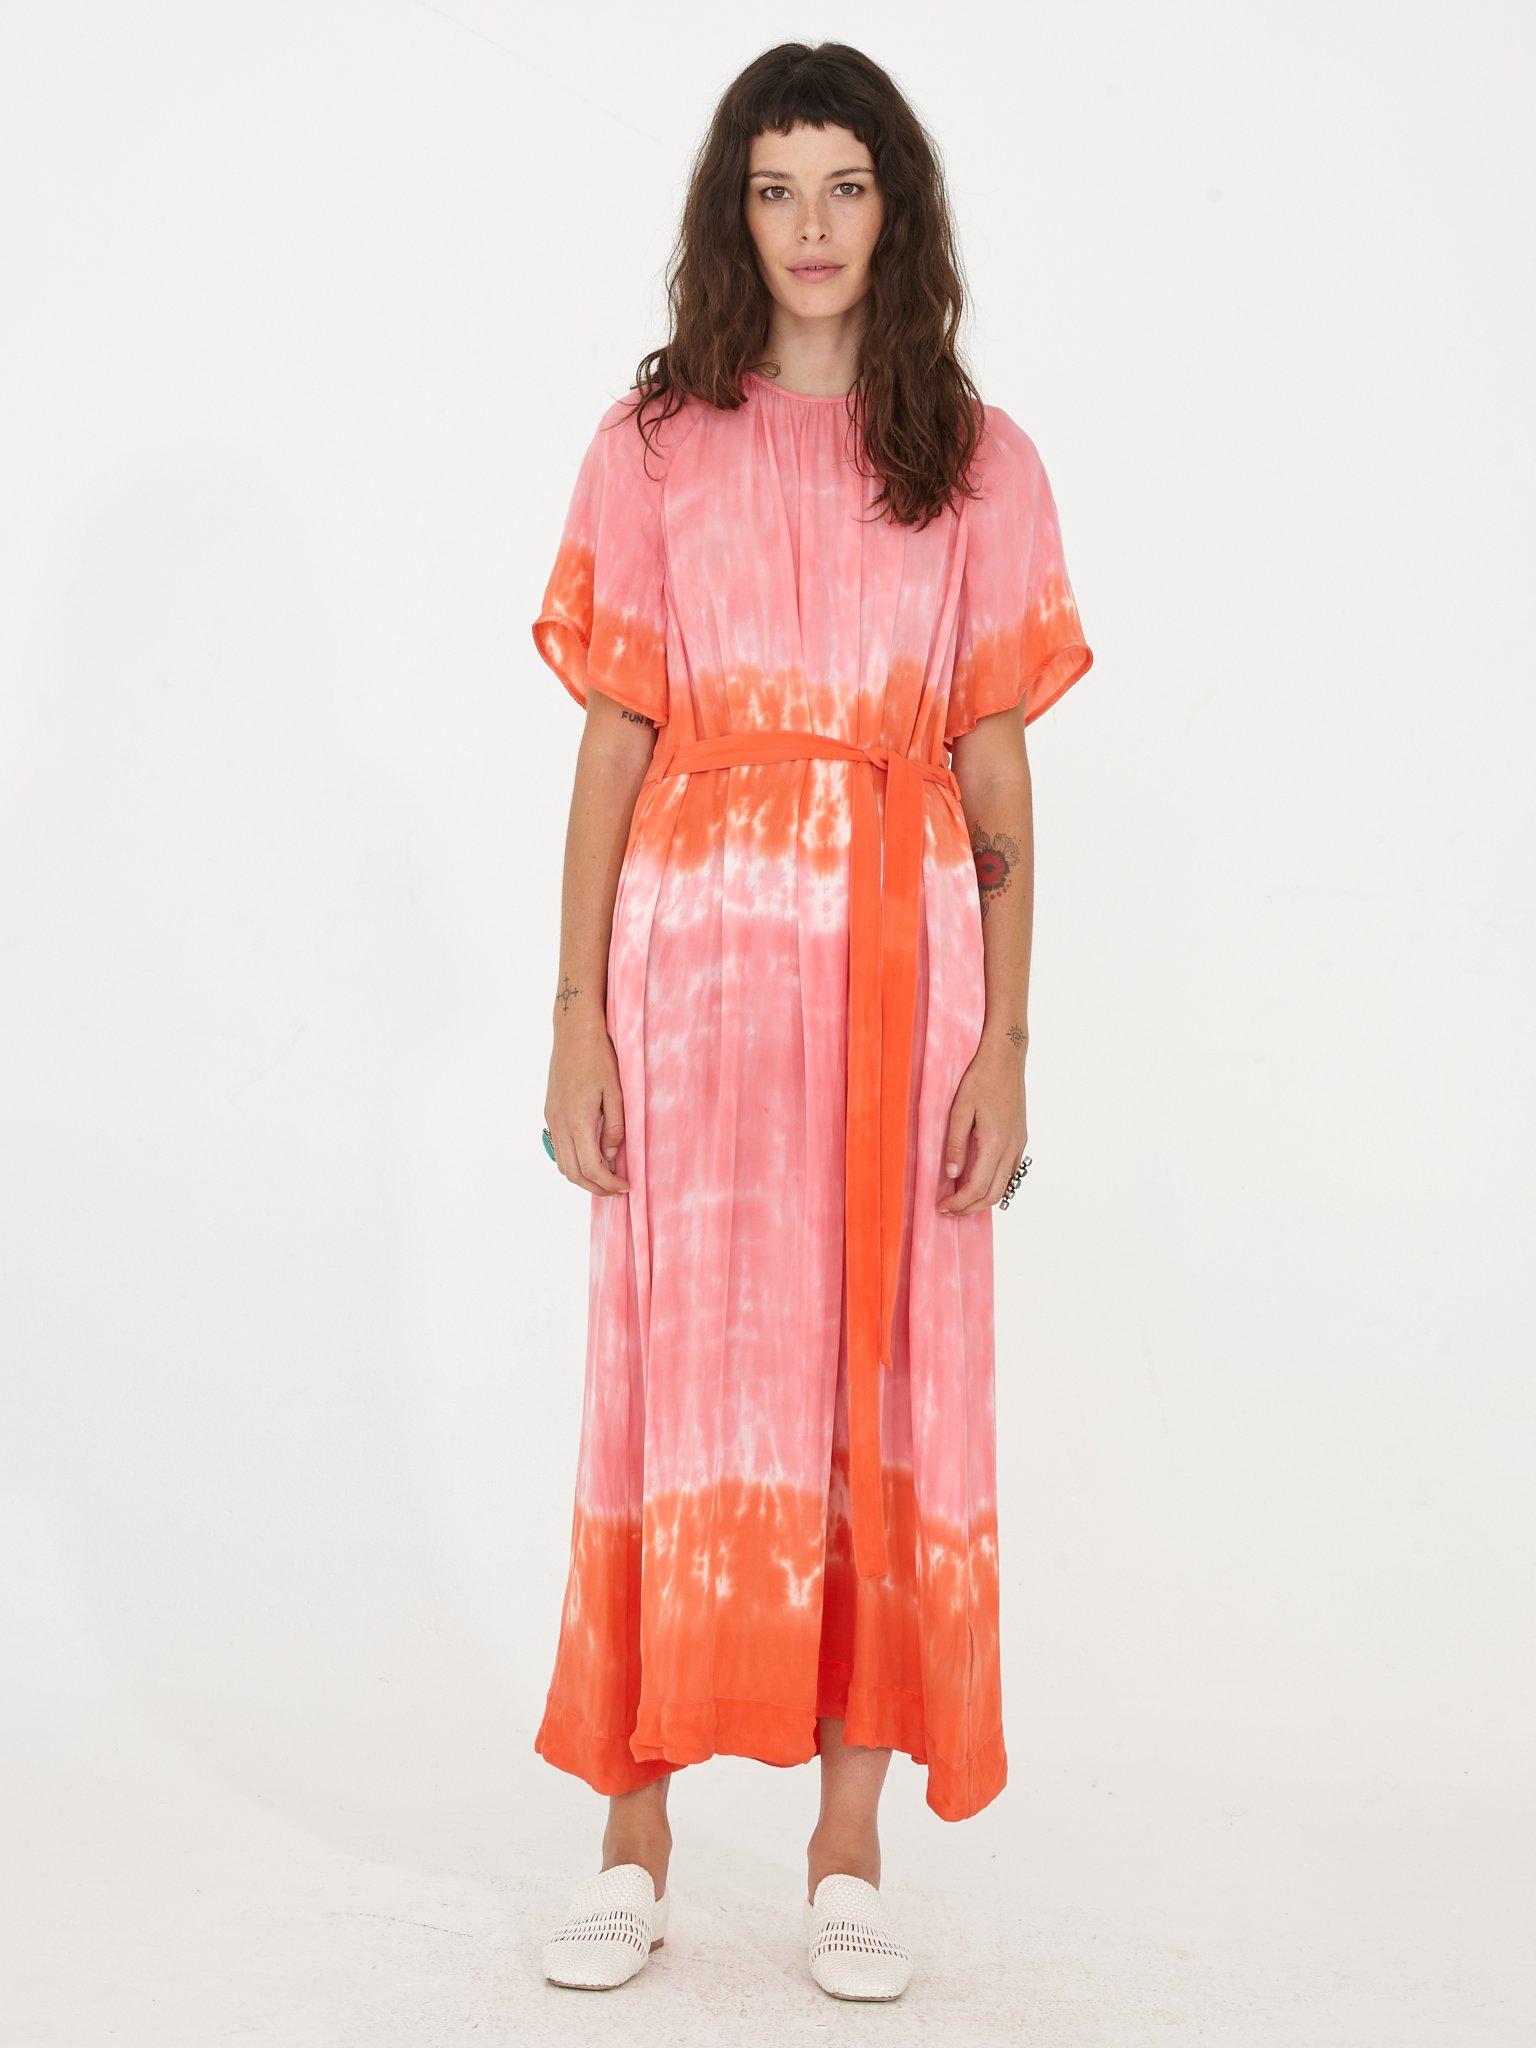 Y84_6916TD_Silk_Tie_Dye_Flutter_Sleeve_Dress_Grapefruit_Tie_Dye_1211.jpg